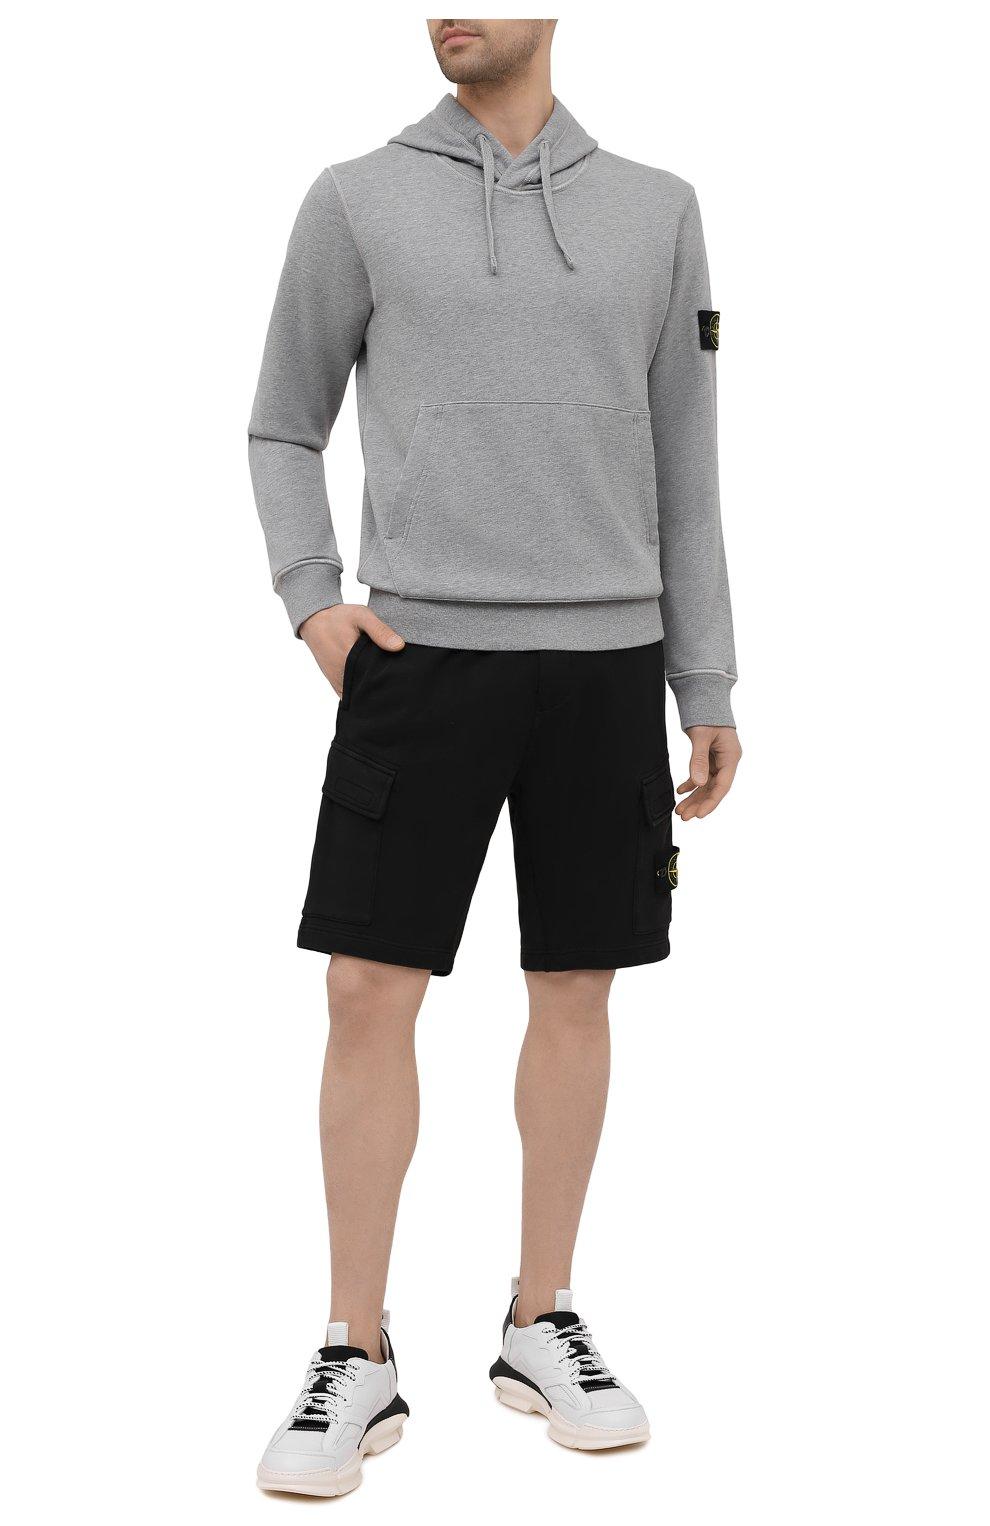 Мужские хлопковые шорты STONE ISLAND черного цвета, арт. 741565651   Фото 2 (Длина Шорты М: До колена; Принт: Без принта; Кросс-КТ: Трикотаж; Материал внешний: Хлопок; Стили: Спорт-шик)